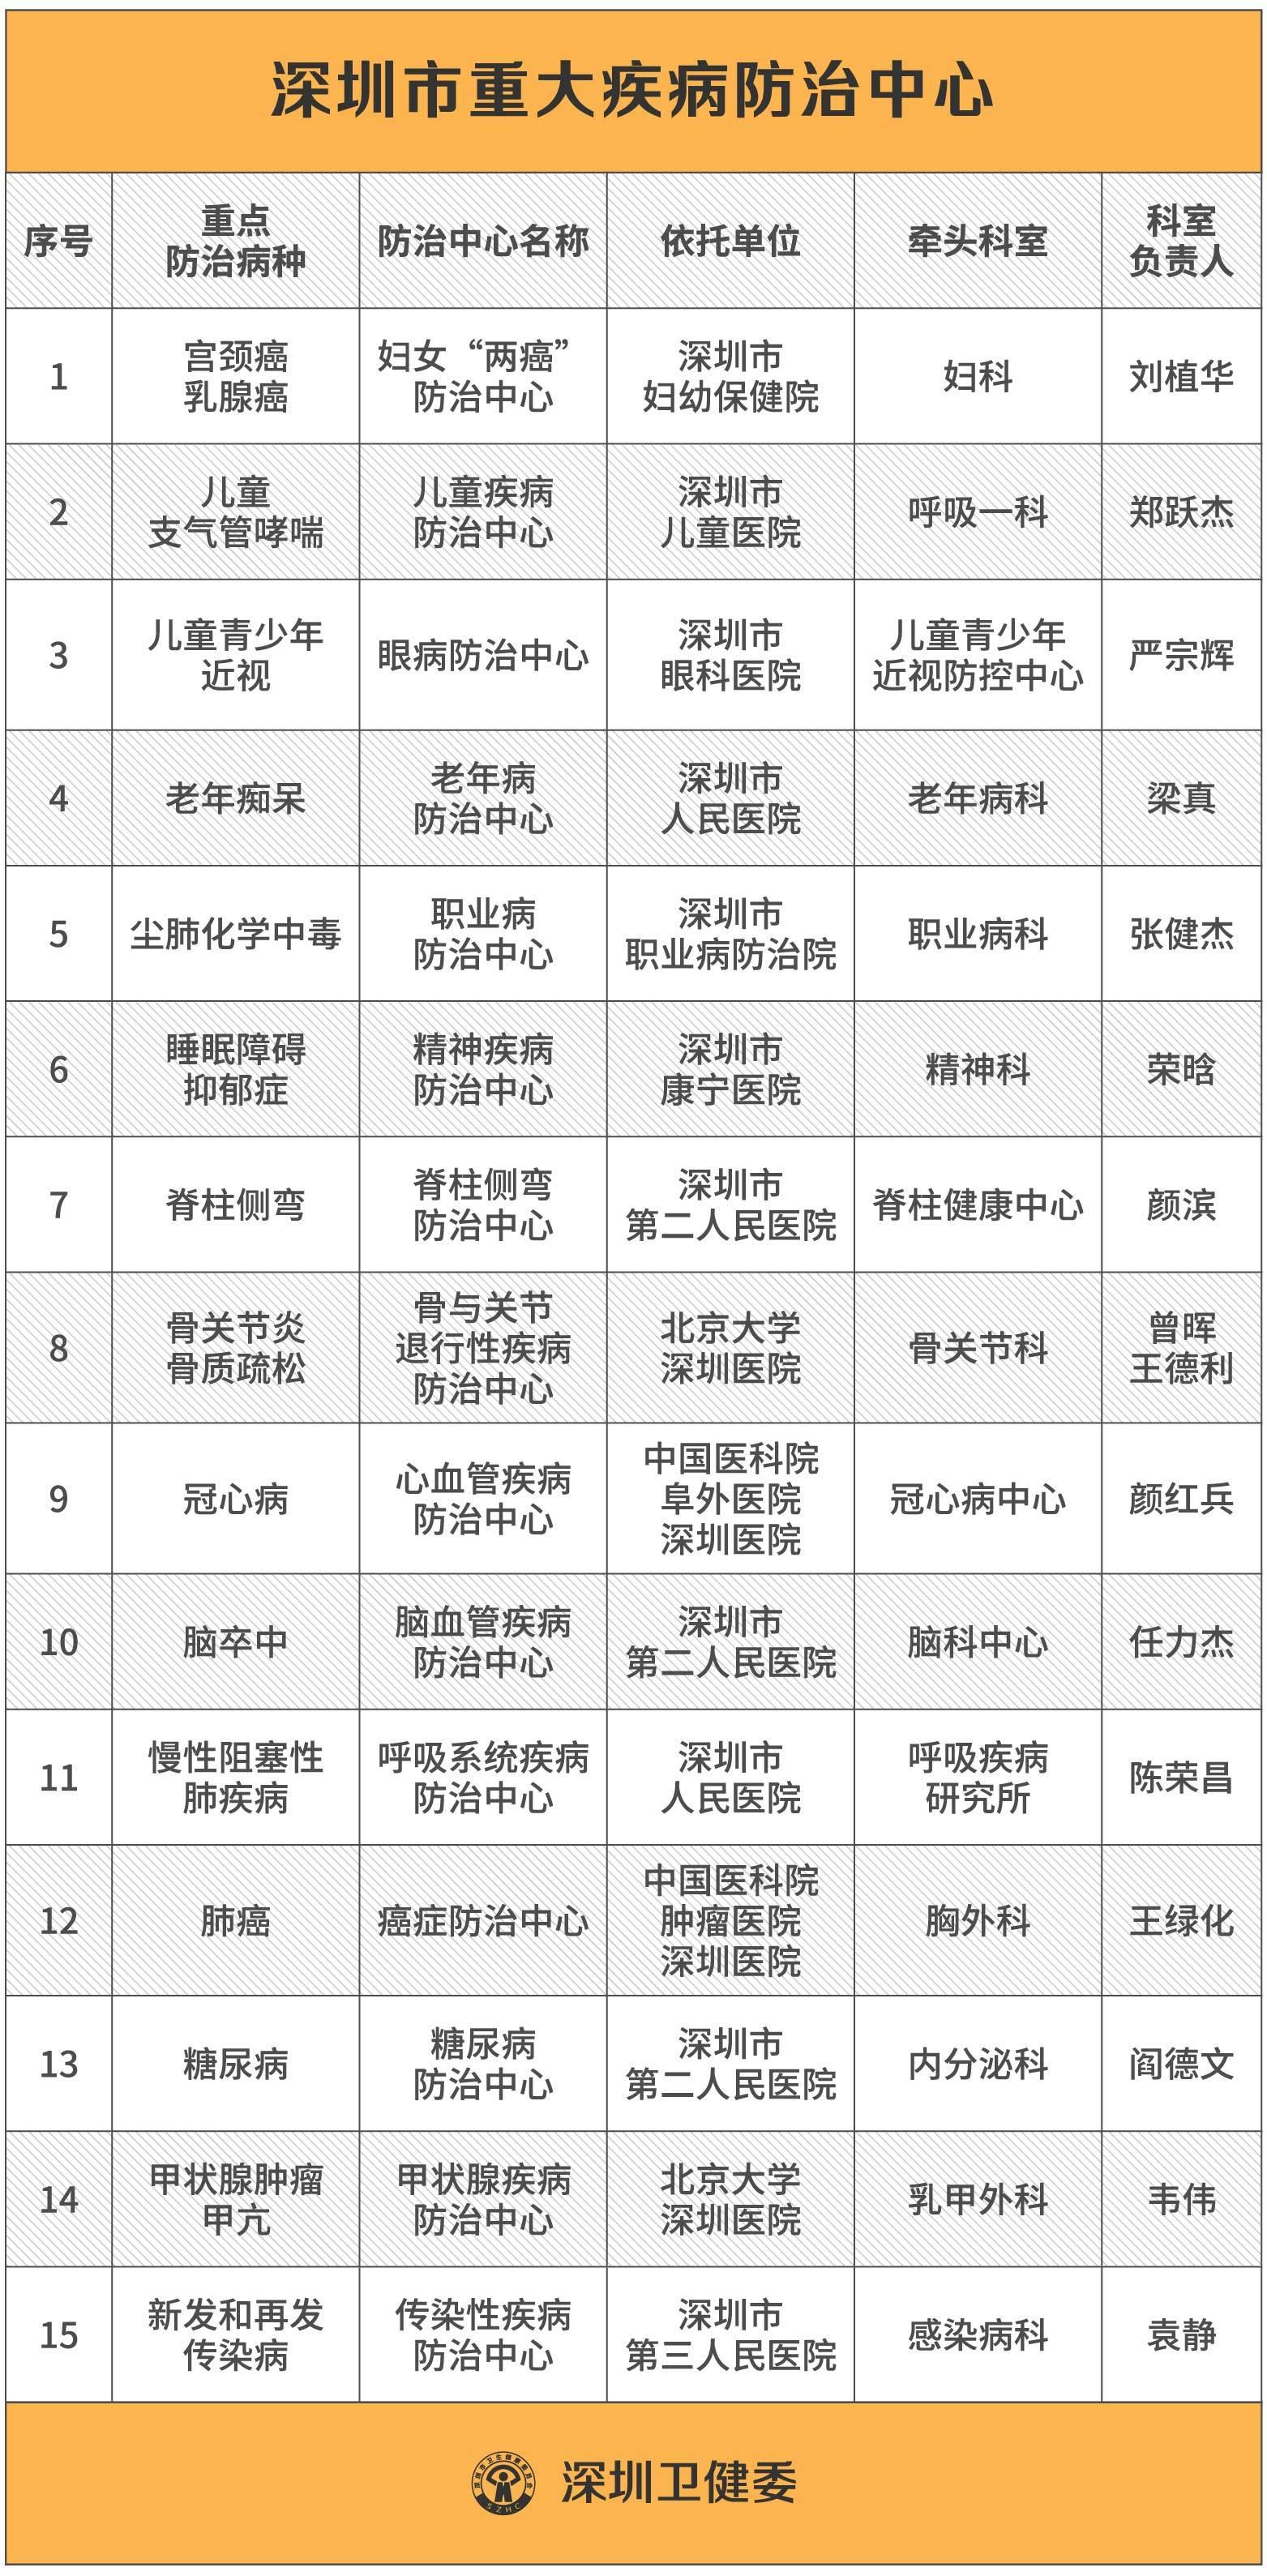 深圳成立15个重大疾病防治中心,全面提升预防救治能力俞飞鸿